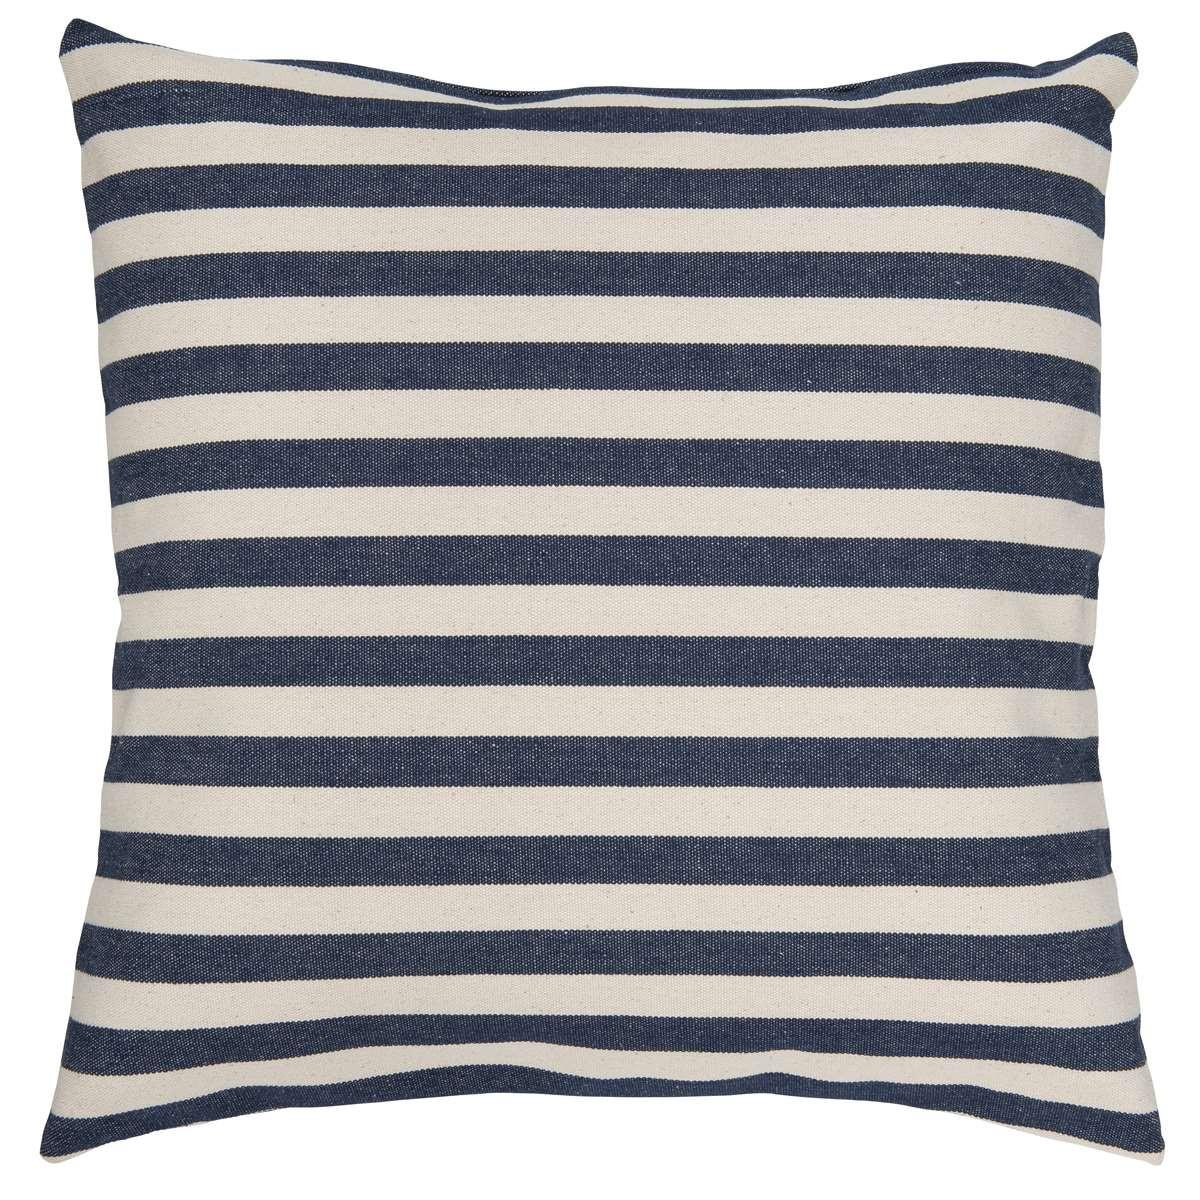 ib laursen kissenbezug streifen medium blau wei kissenh lle aus baumwolle gestreift in blau. Black Bedroom Furniture Sets. Home Design Ideas